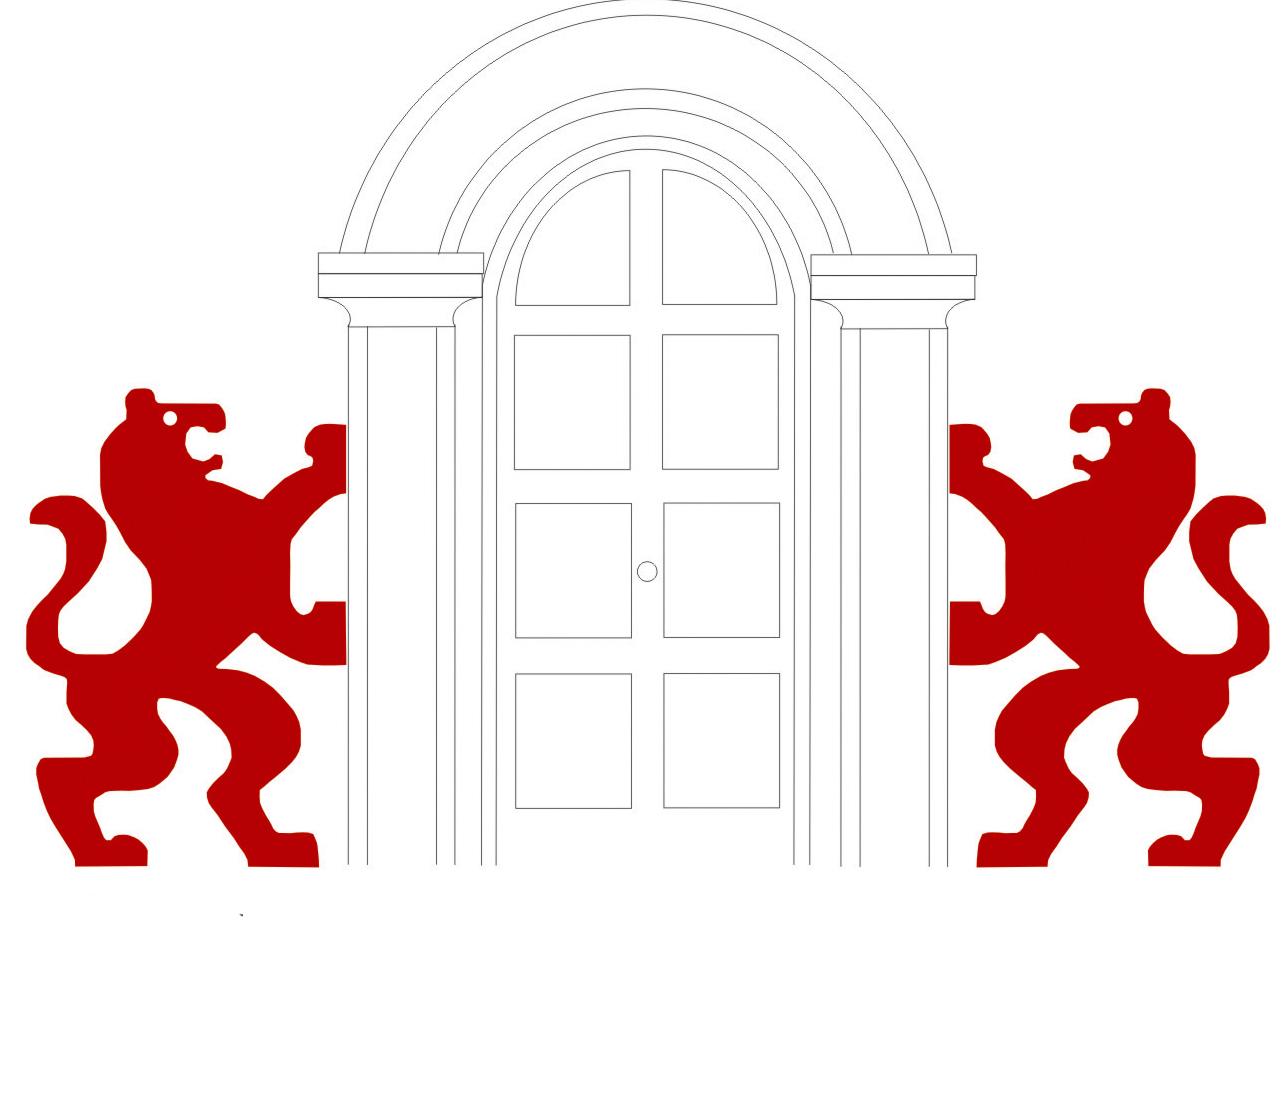 Puertas Nobles Andaluzas S.C.